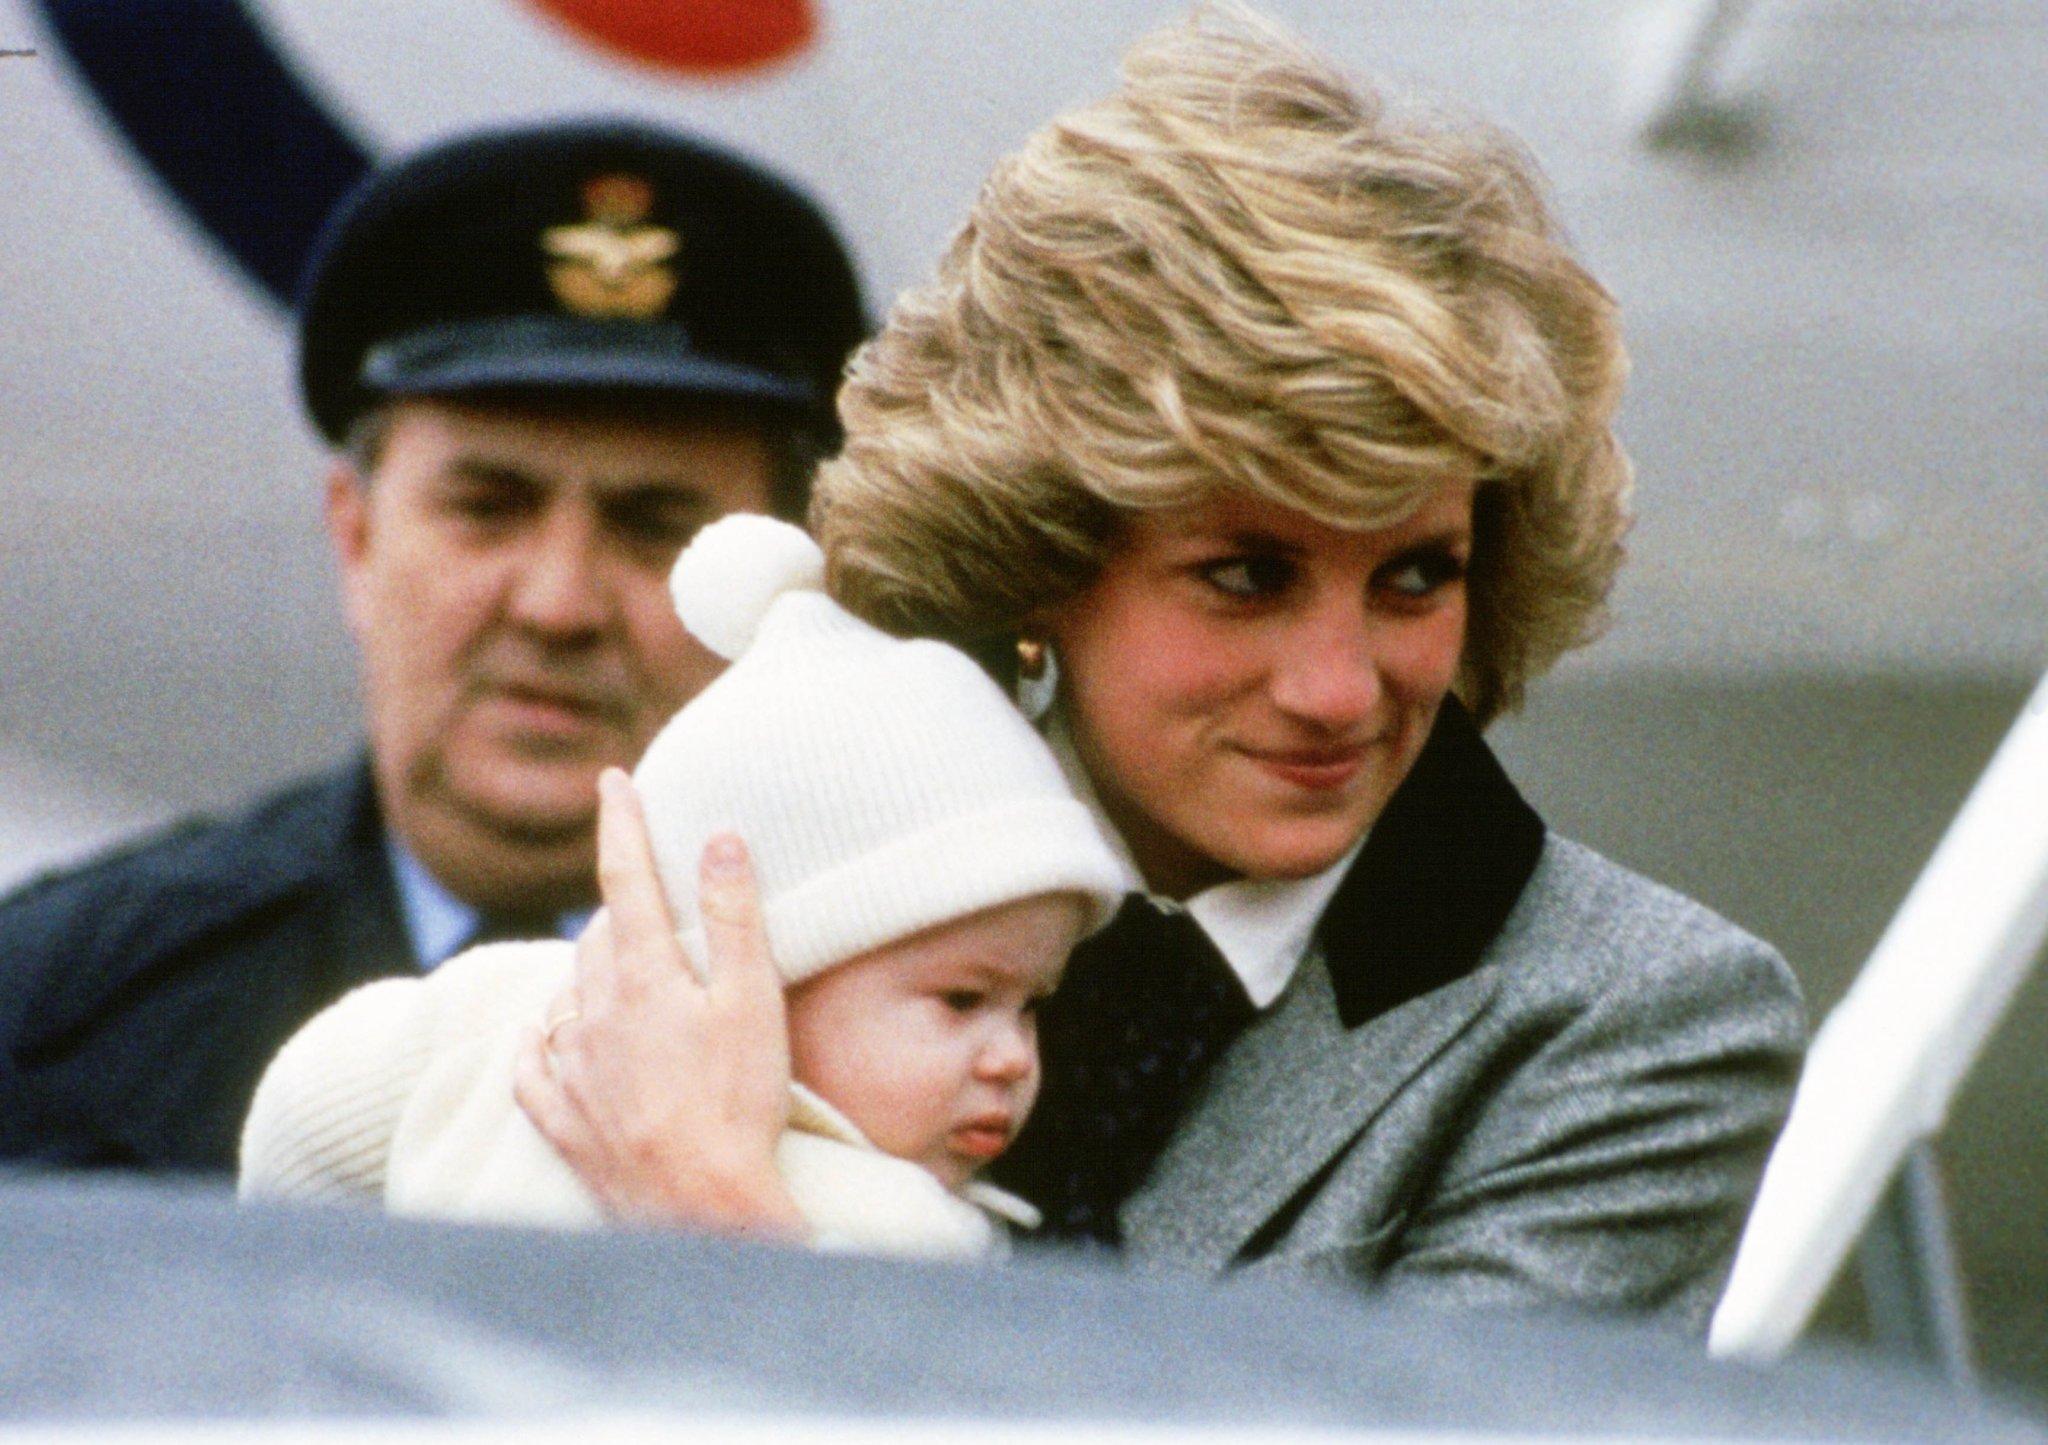 15 Precious Photos of the Royal Family as Babies